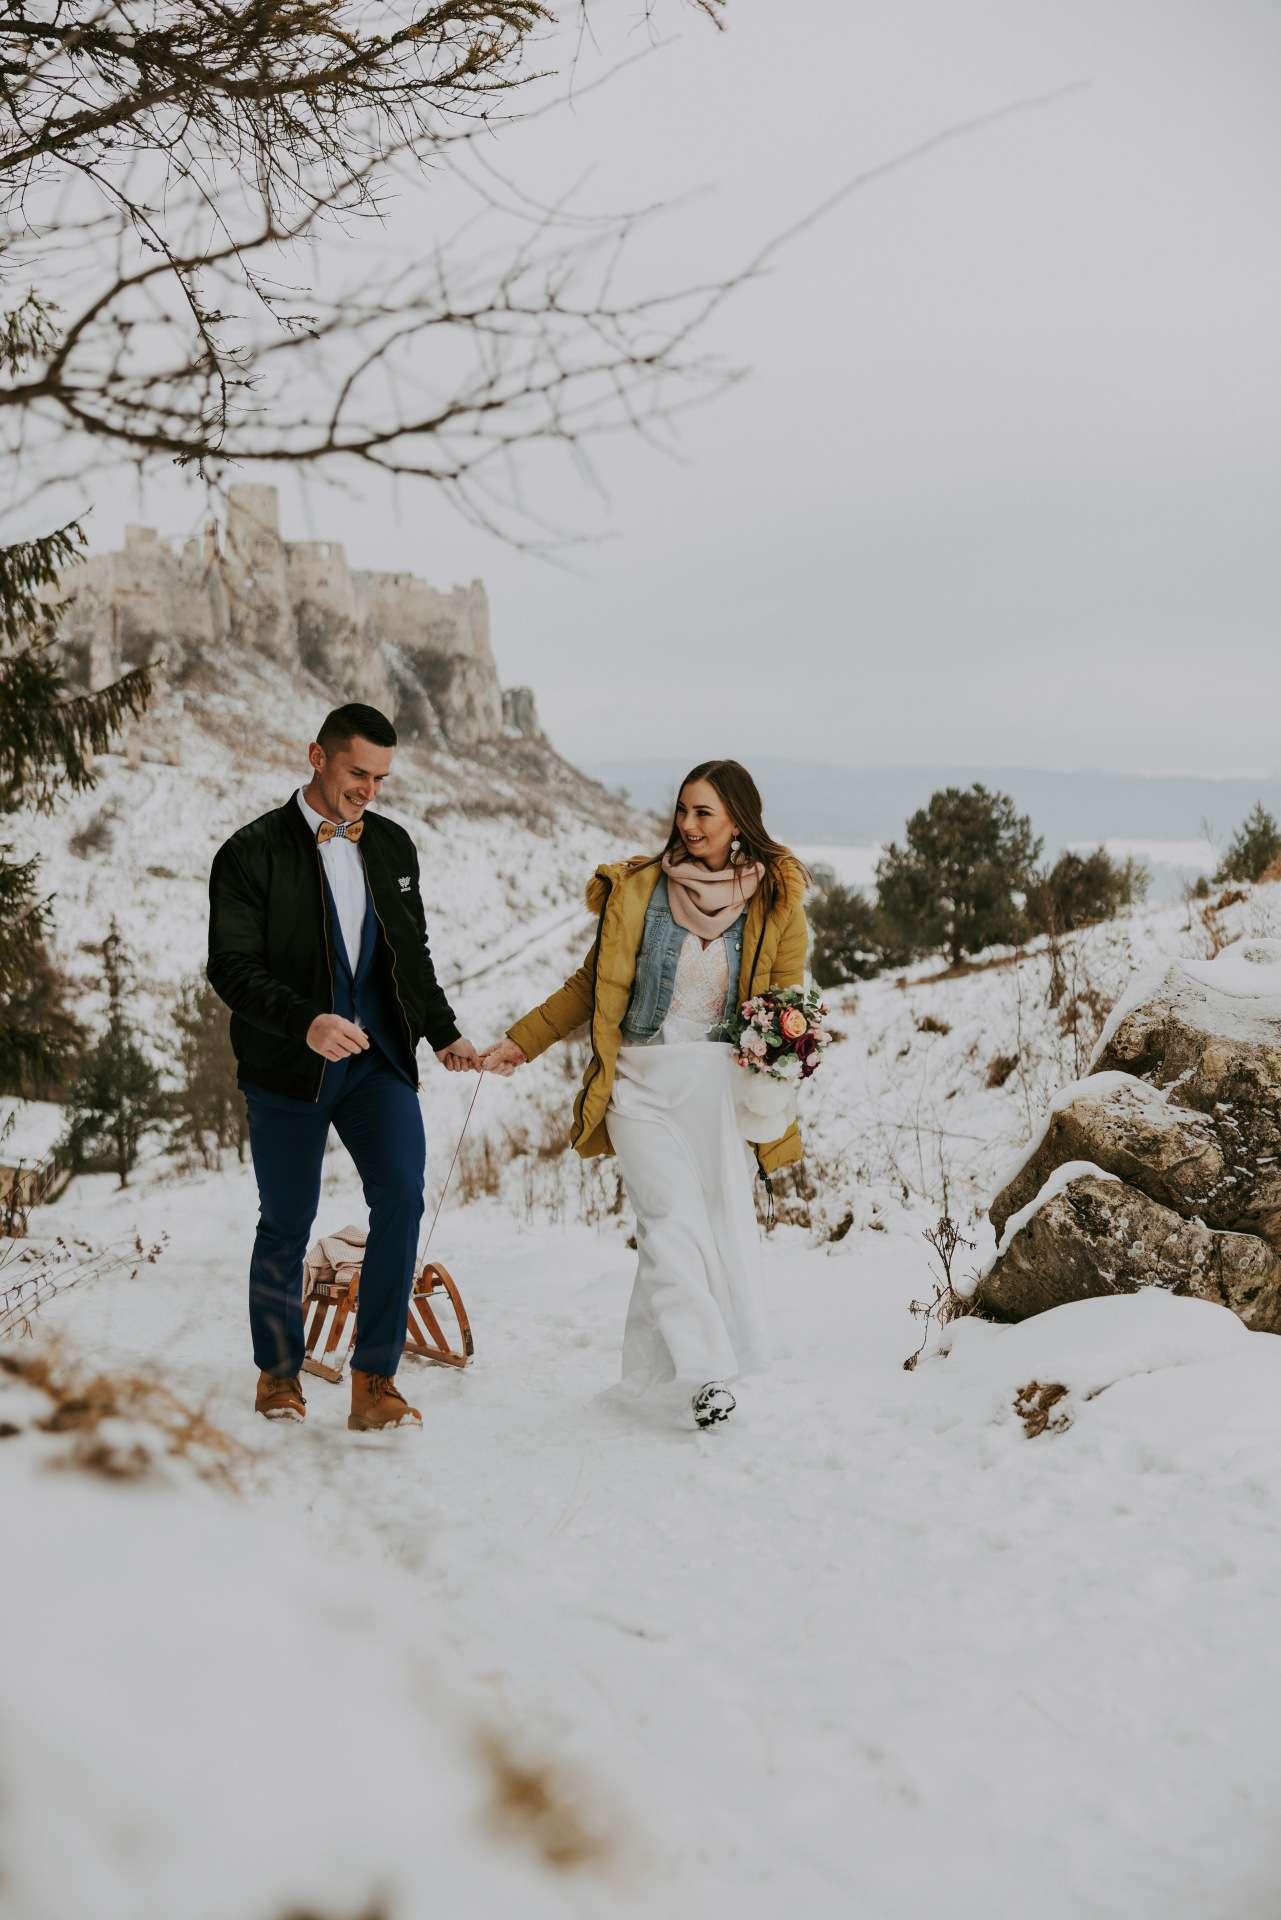 svadba v zime a snehu